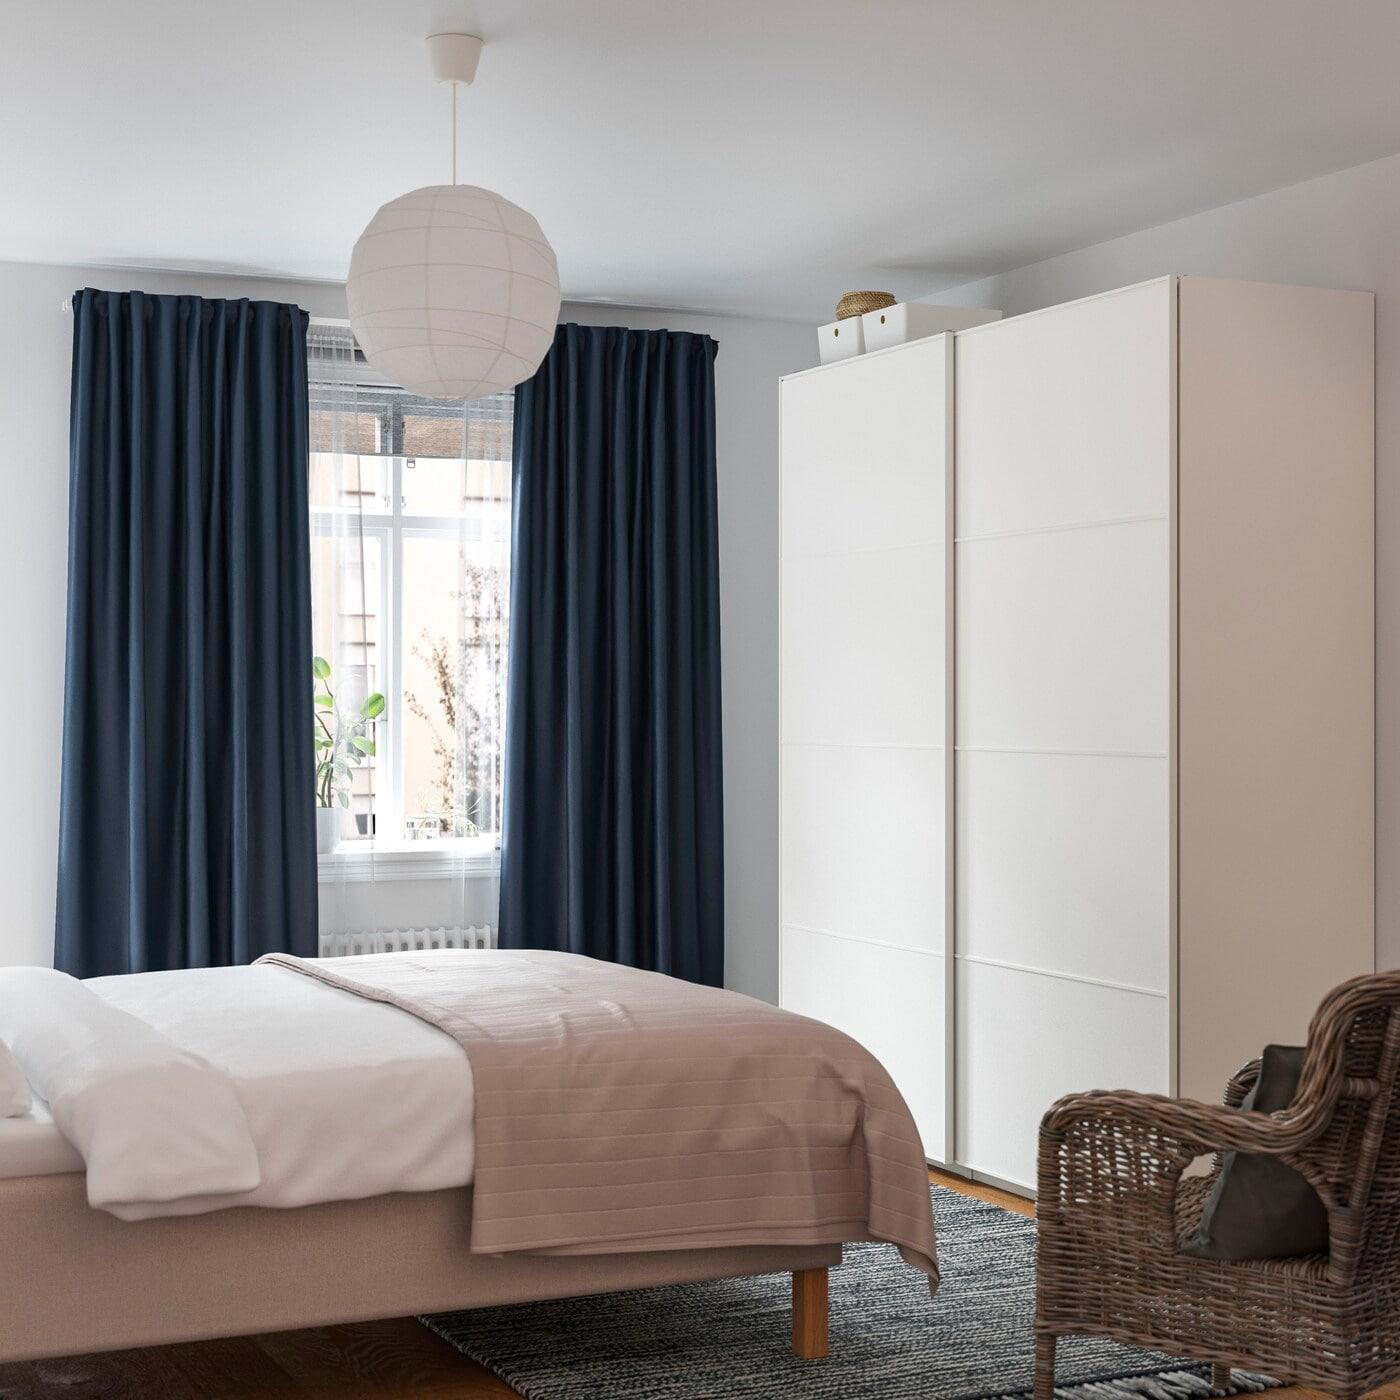 Kleines Fenster im Schlafzimmer mit einer Vorhanglösung in Dunkelblau